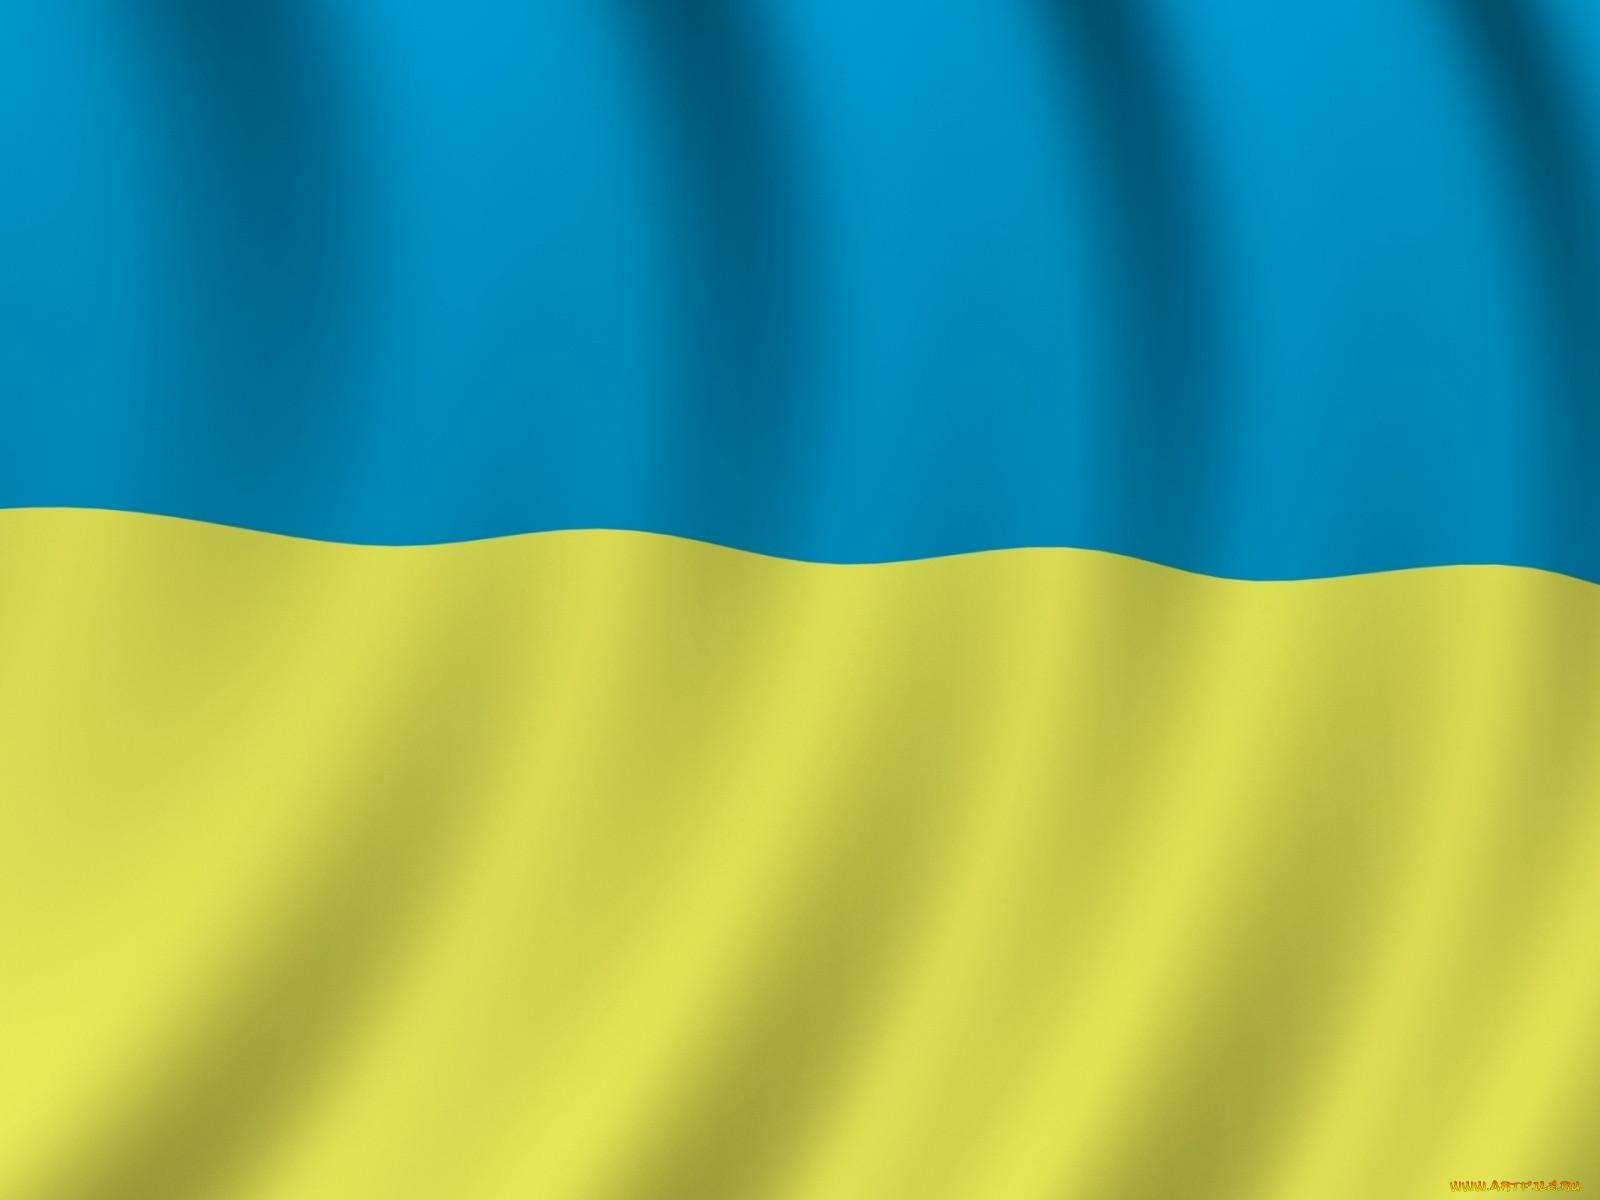 картинка прапора украины продаются изготовленные вручную